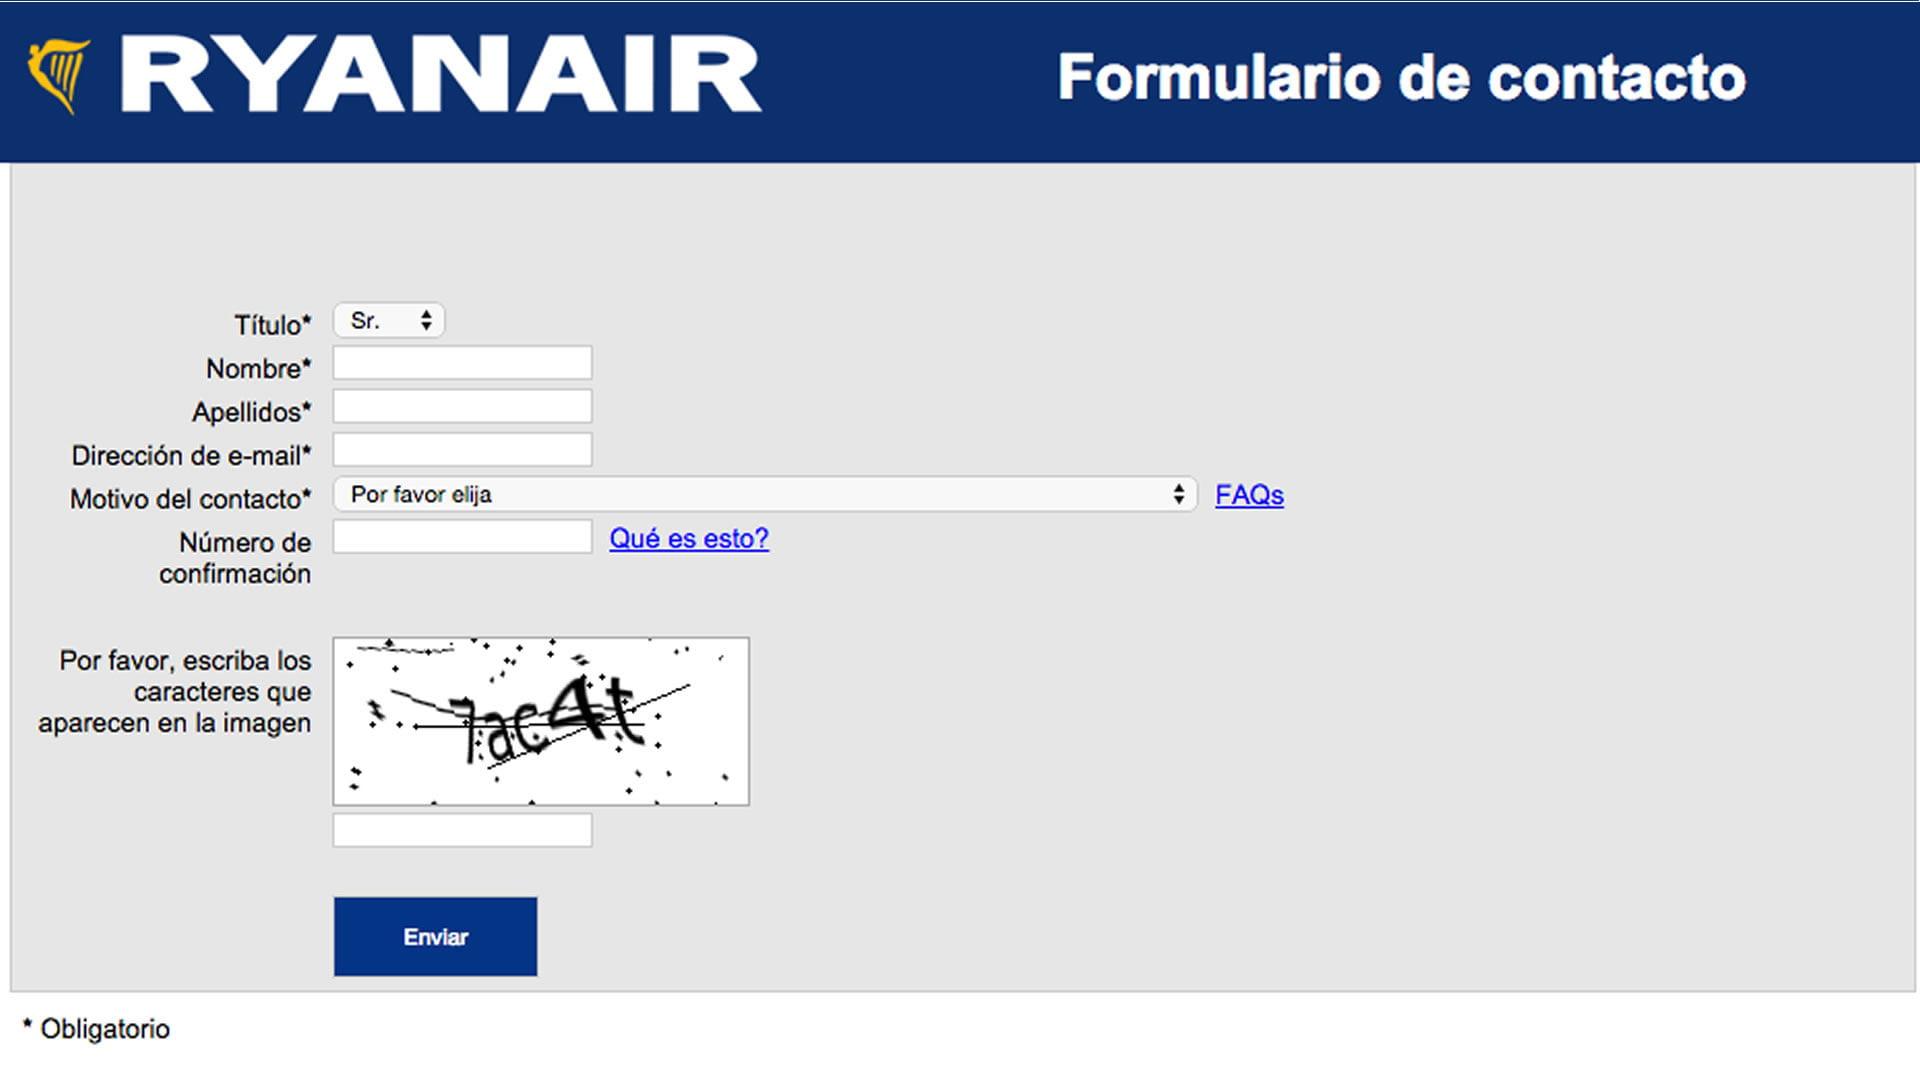 Formulario de contacto ryanair - Telefono de oficina de ryanair ...